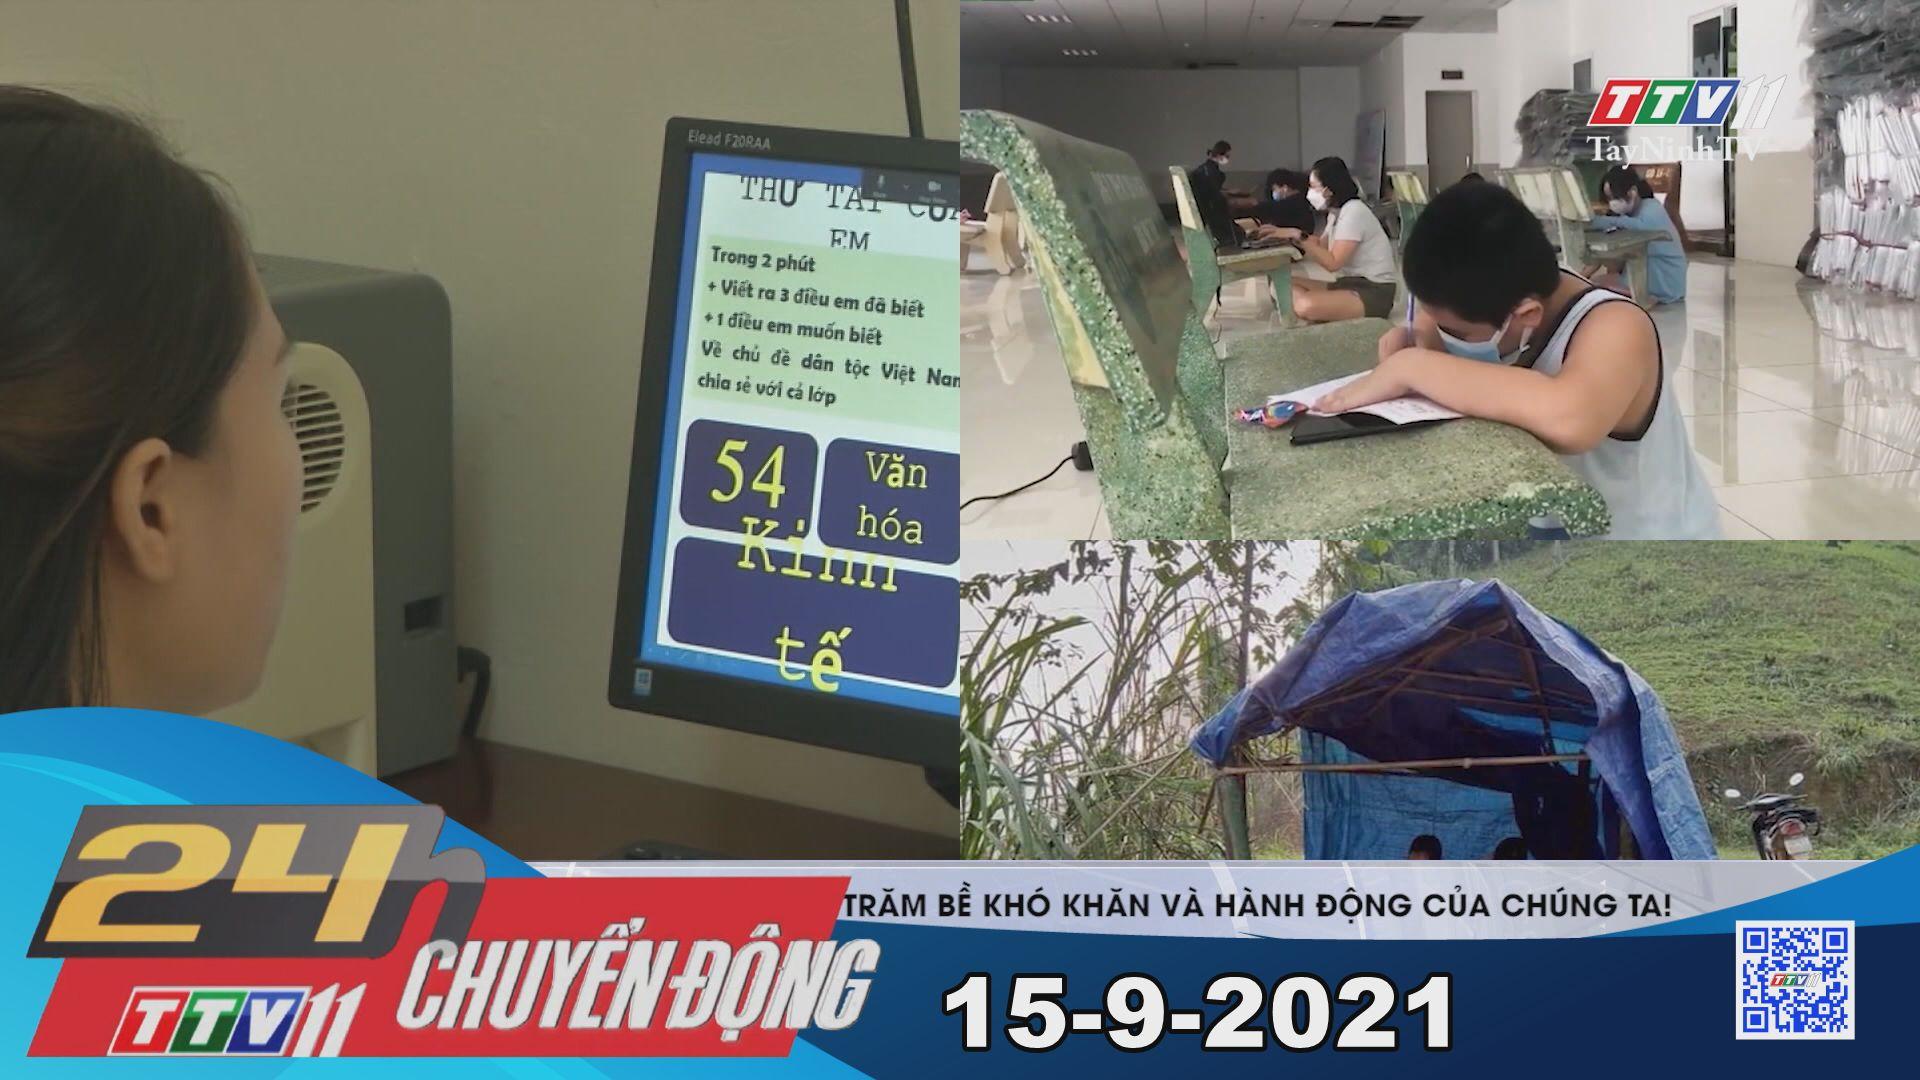 24h Chuyển động 15-9-2021 | Tin tức hôm nay | TayNinhTV